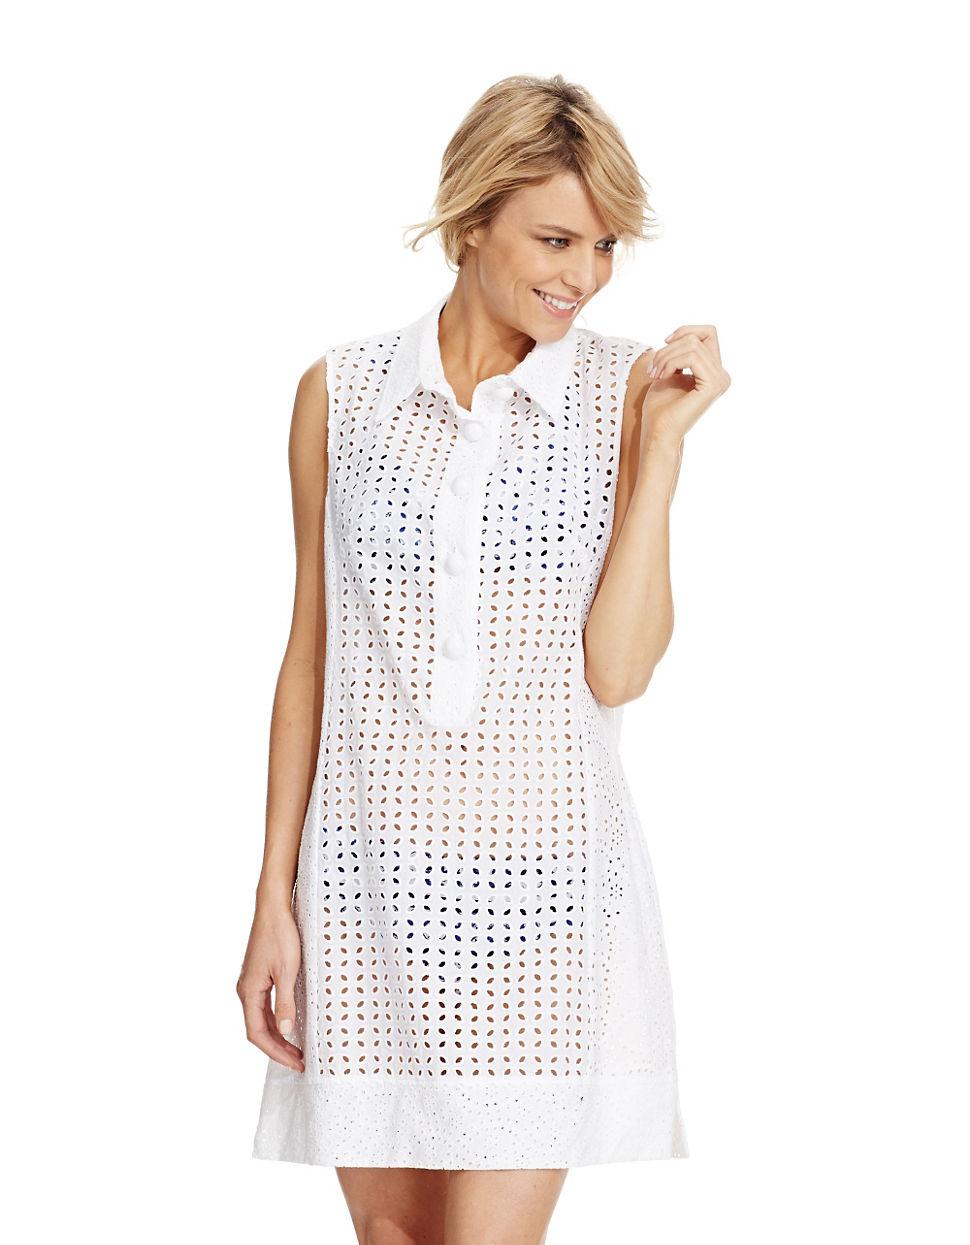 3e0a62bb82 Nanette Lepore Eyelet Cover Up Swim Dress in White - Lyst